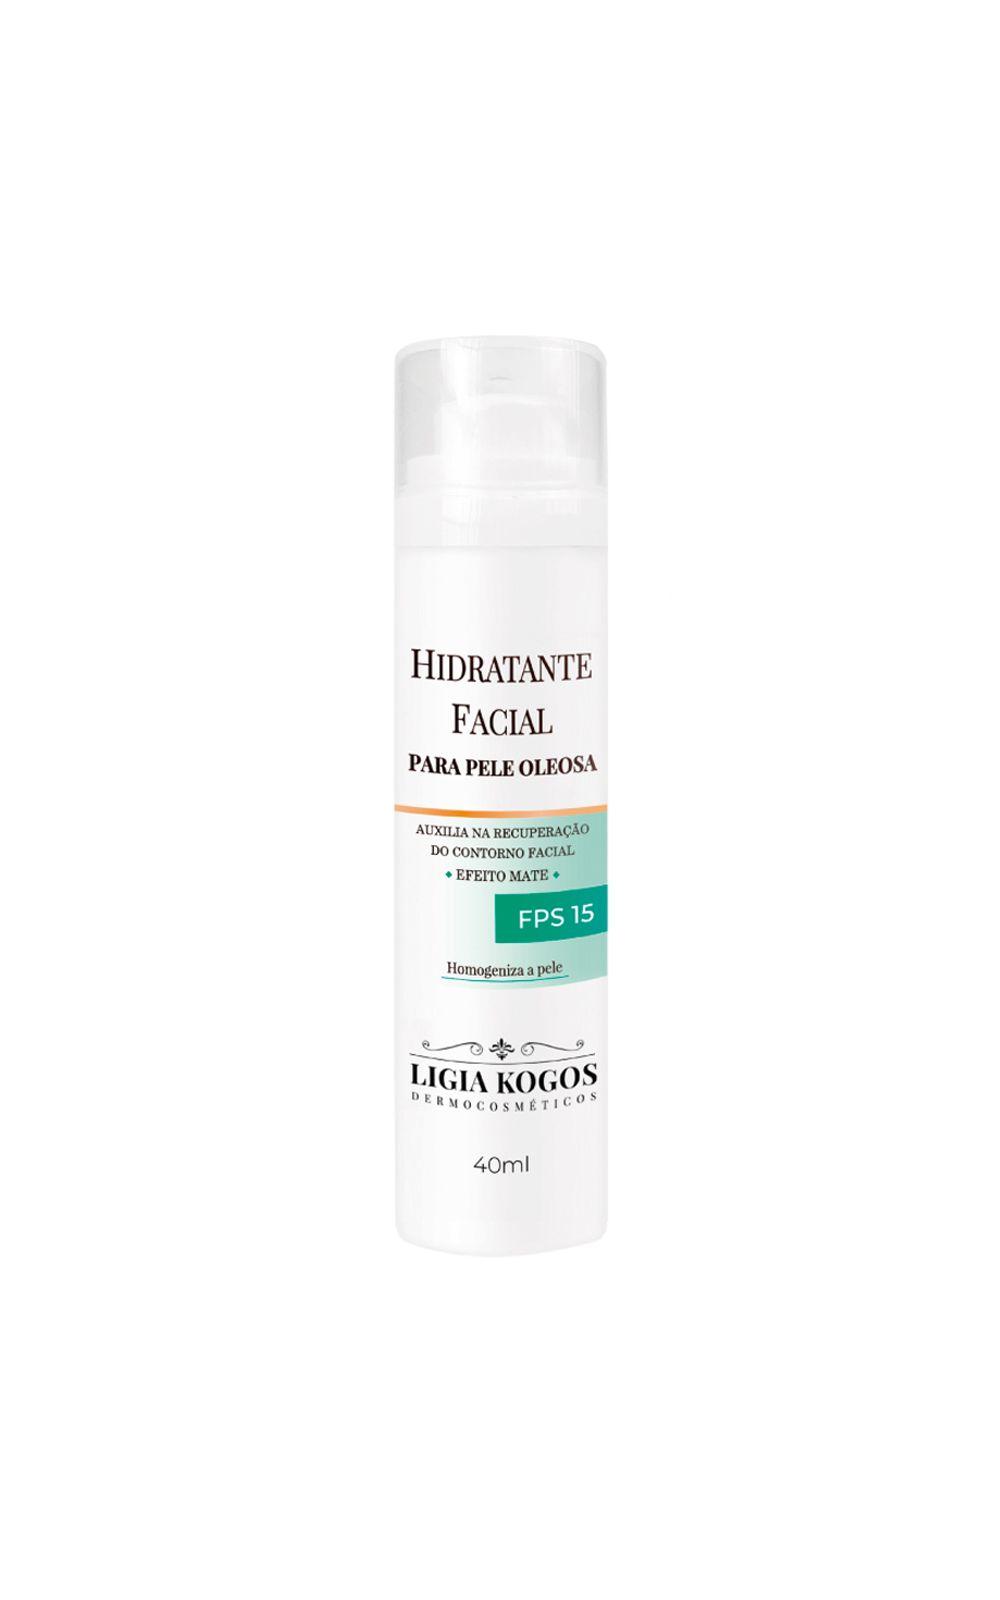 Foto 1 - Hidratante Facial para Pele Oleosa - Ligia Kogos - 40ml